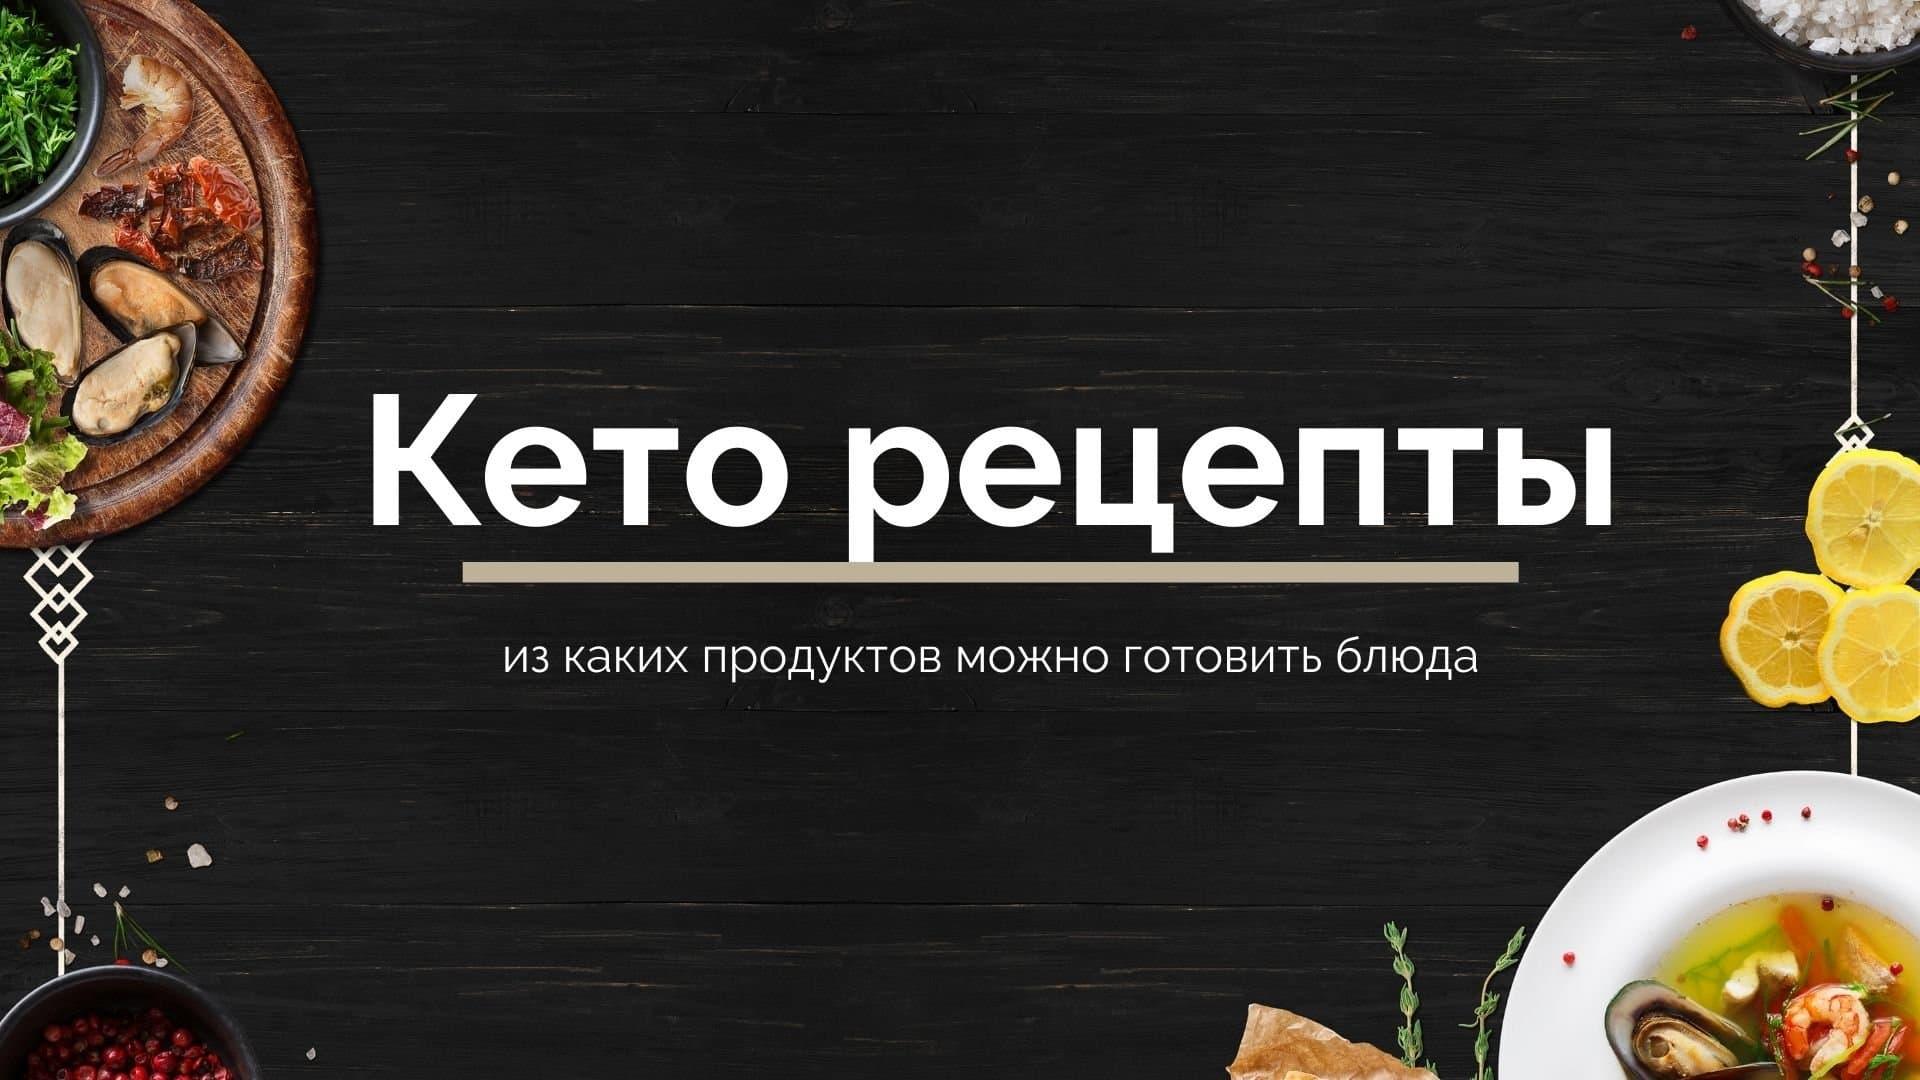 Кето рецепты: из каких продуктов можно готовить блюда